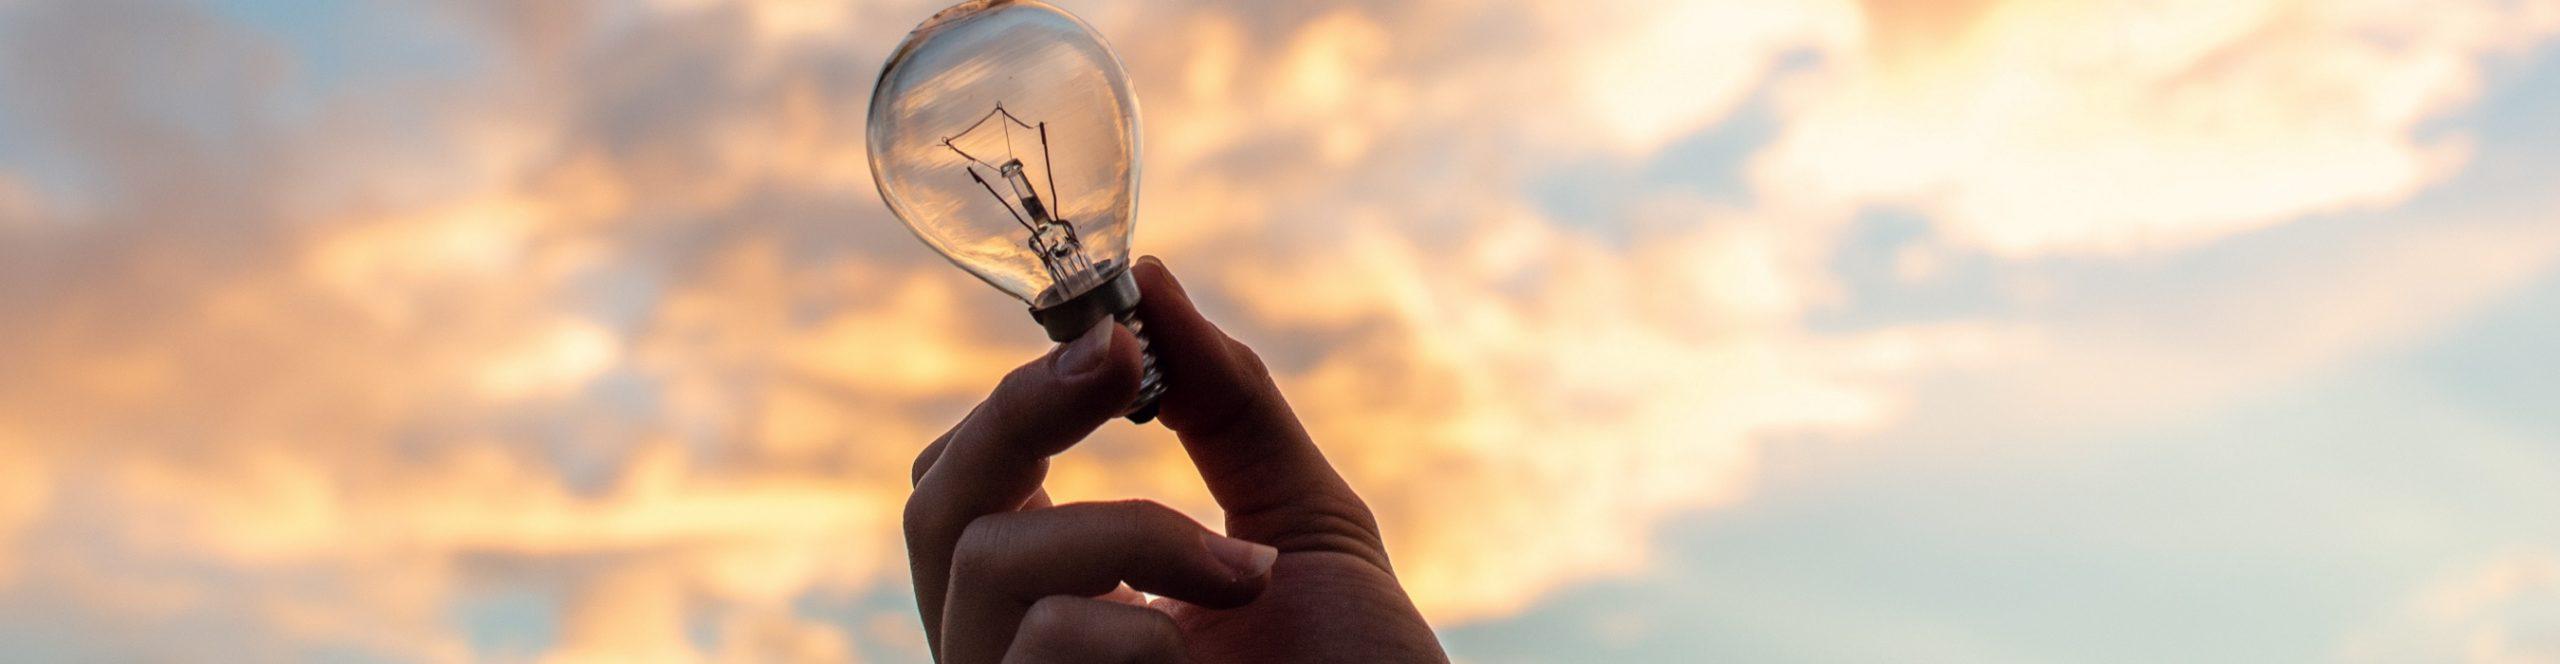 Inovação e disrupção